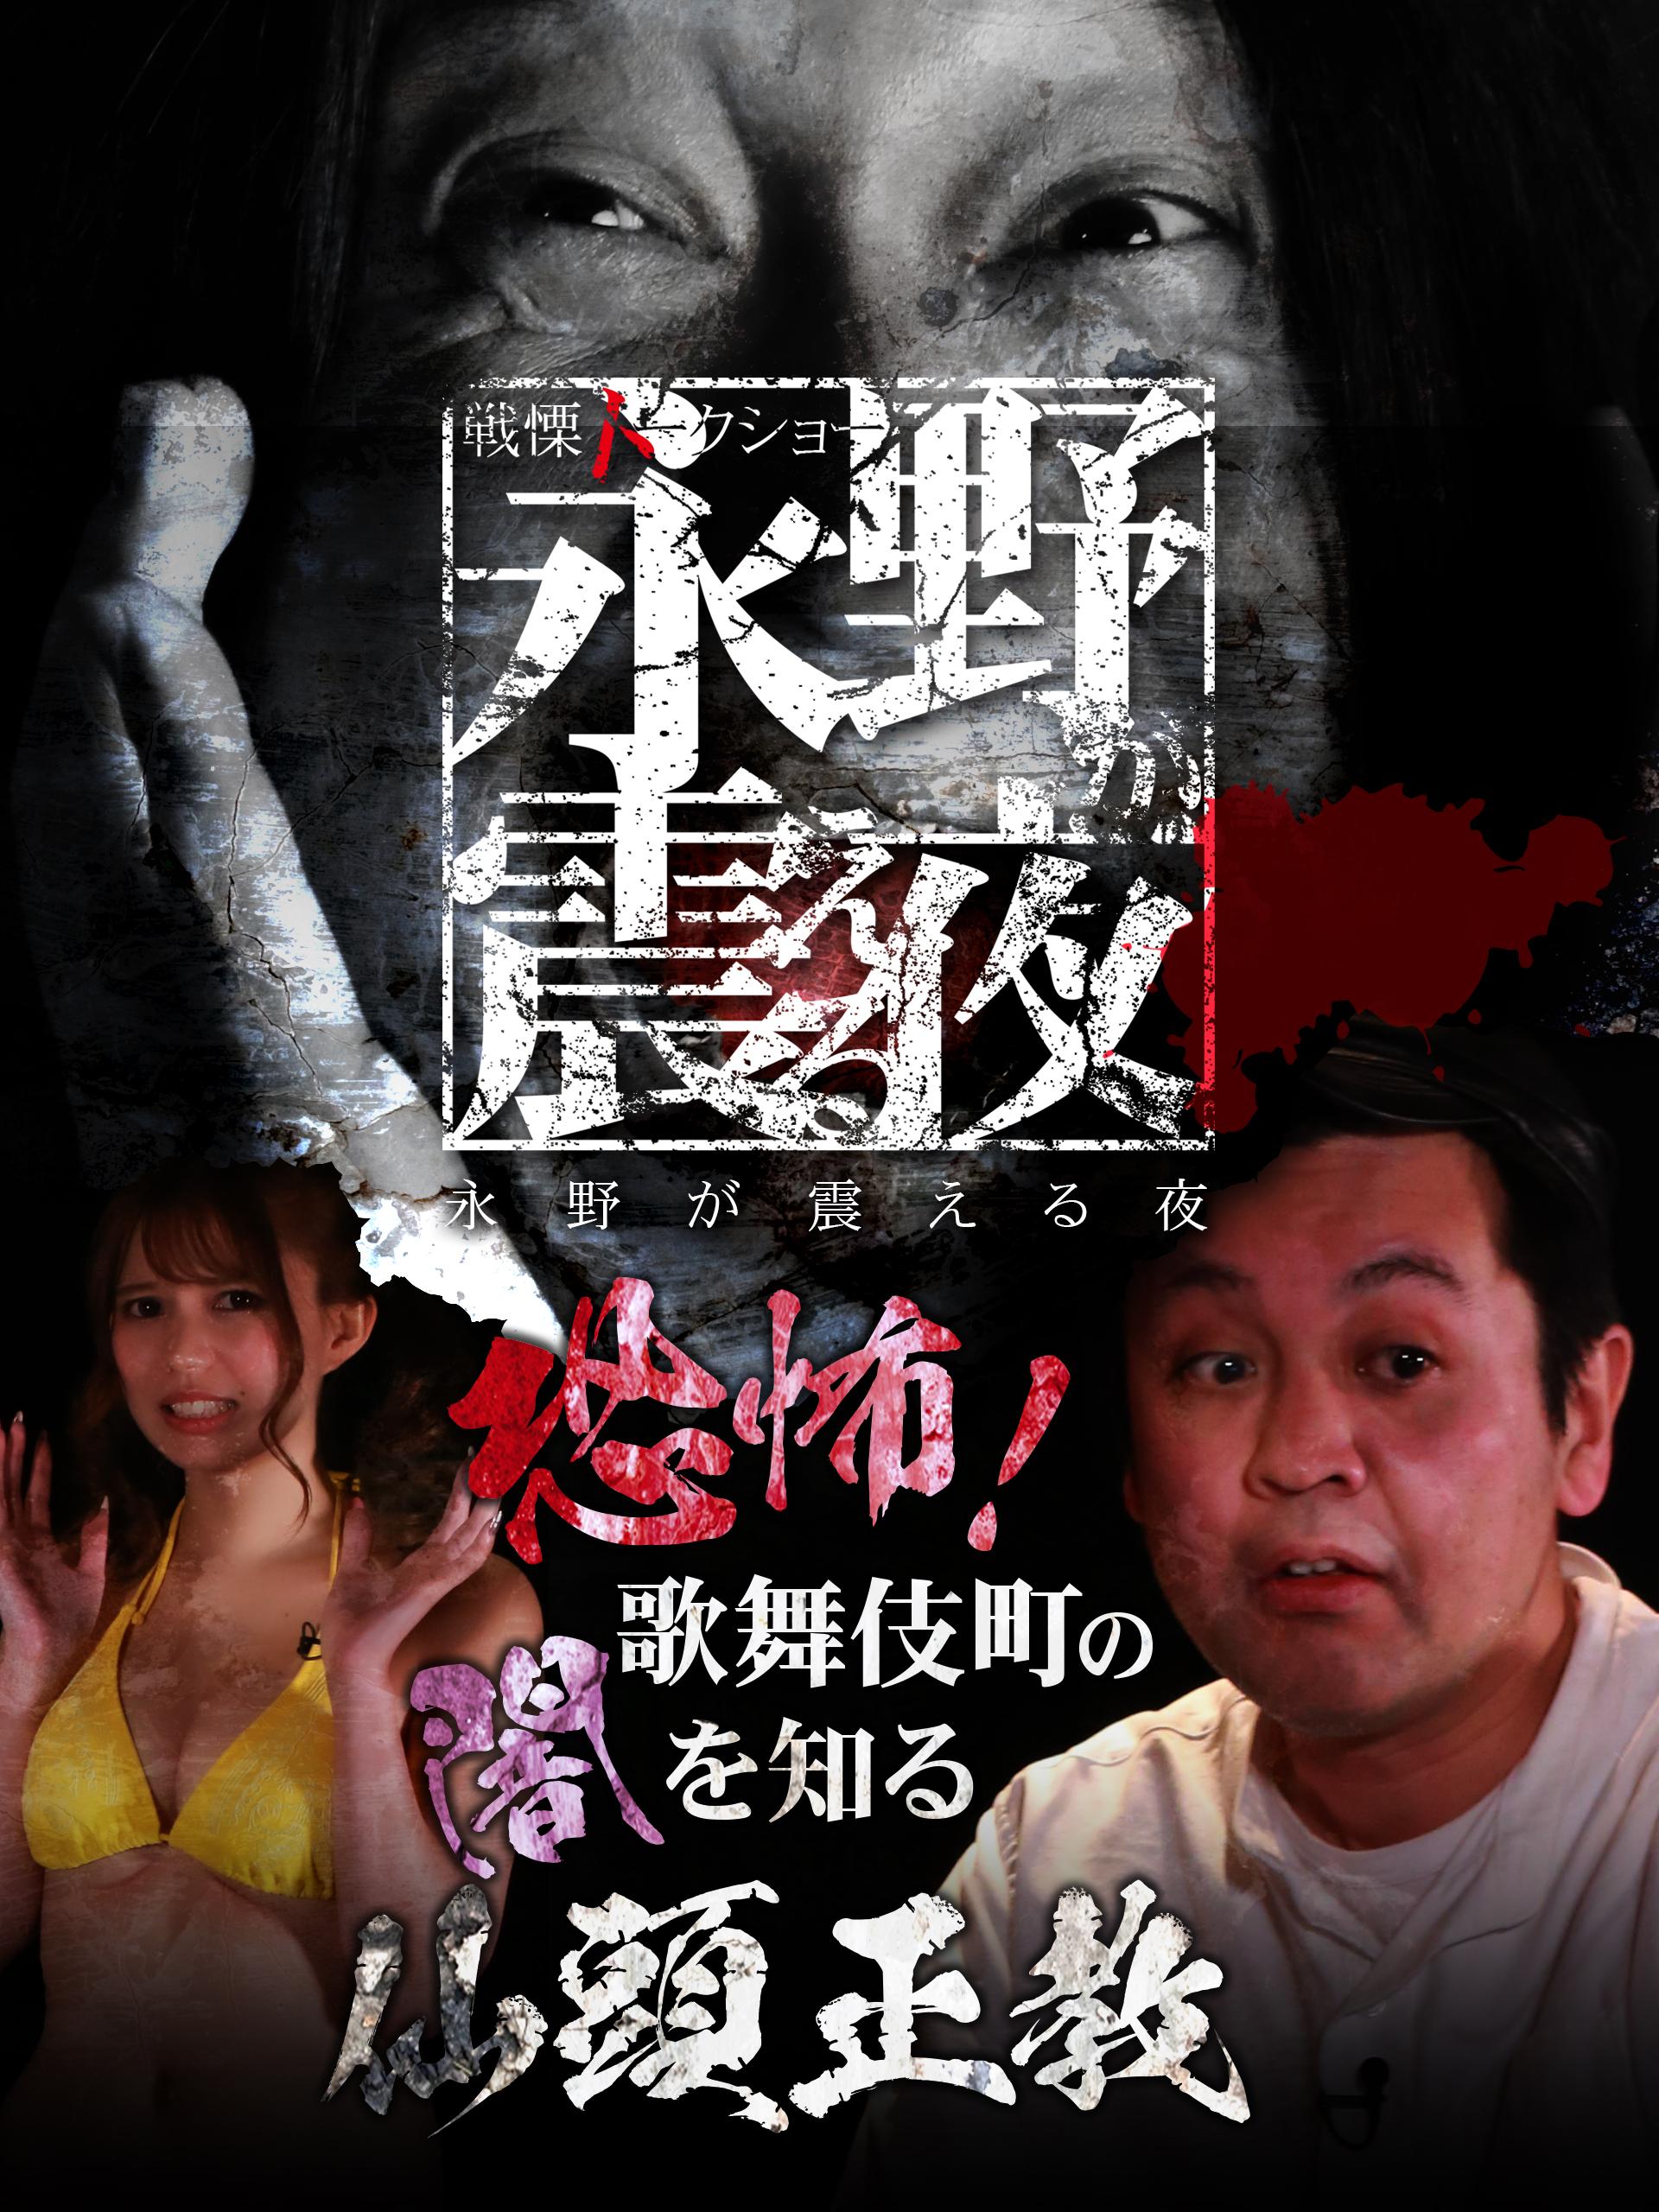 戦慄トークショー 永野が震える夜(19)~恐怖!歌舞伎町の闇を知る仙頭正教